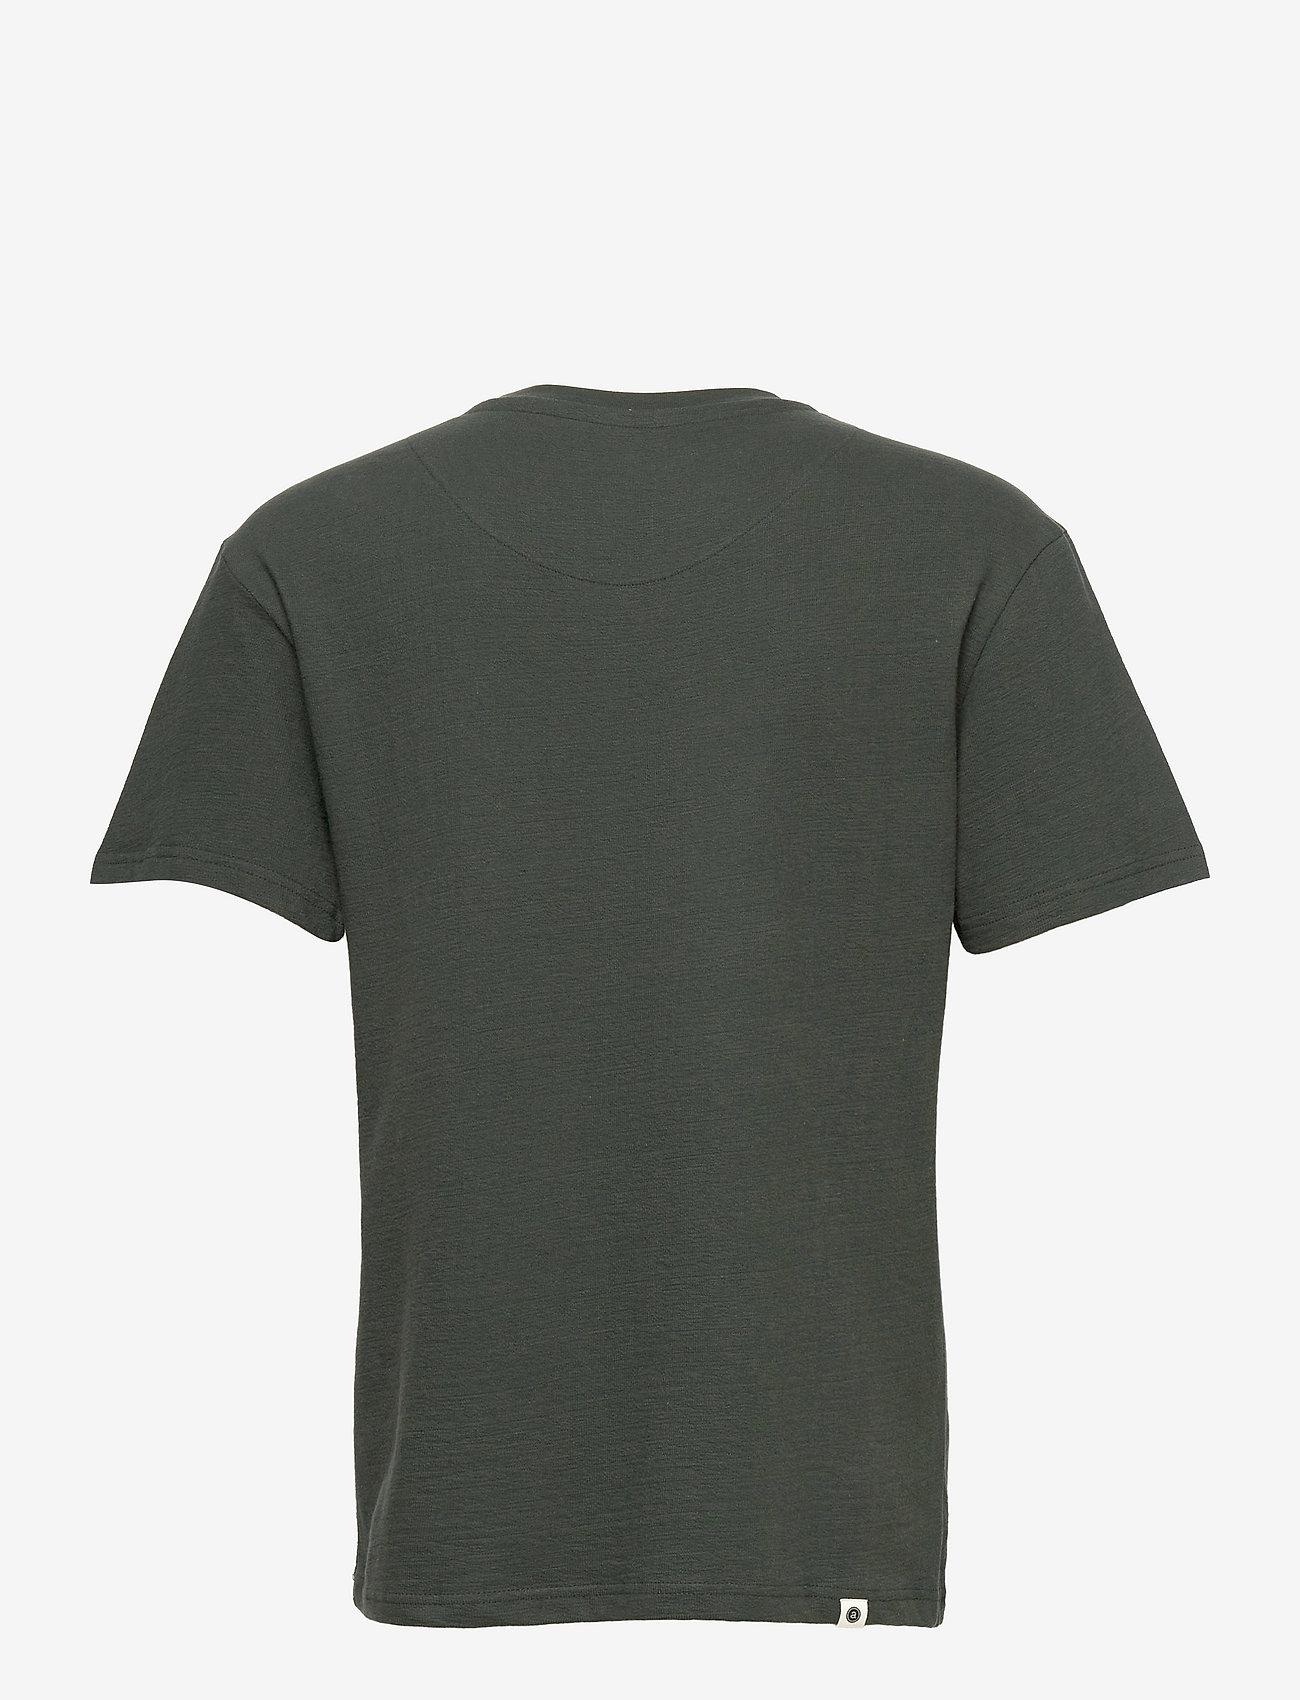 Anerkjendt - AKKIKKI STRUCTURE T SHIRT - basic t-shirts - deep forrest - 1